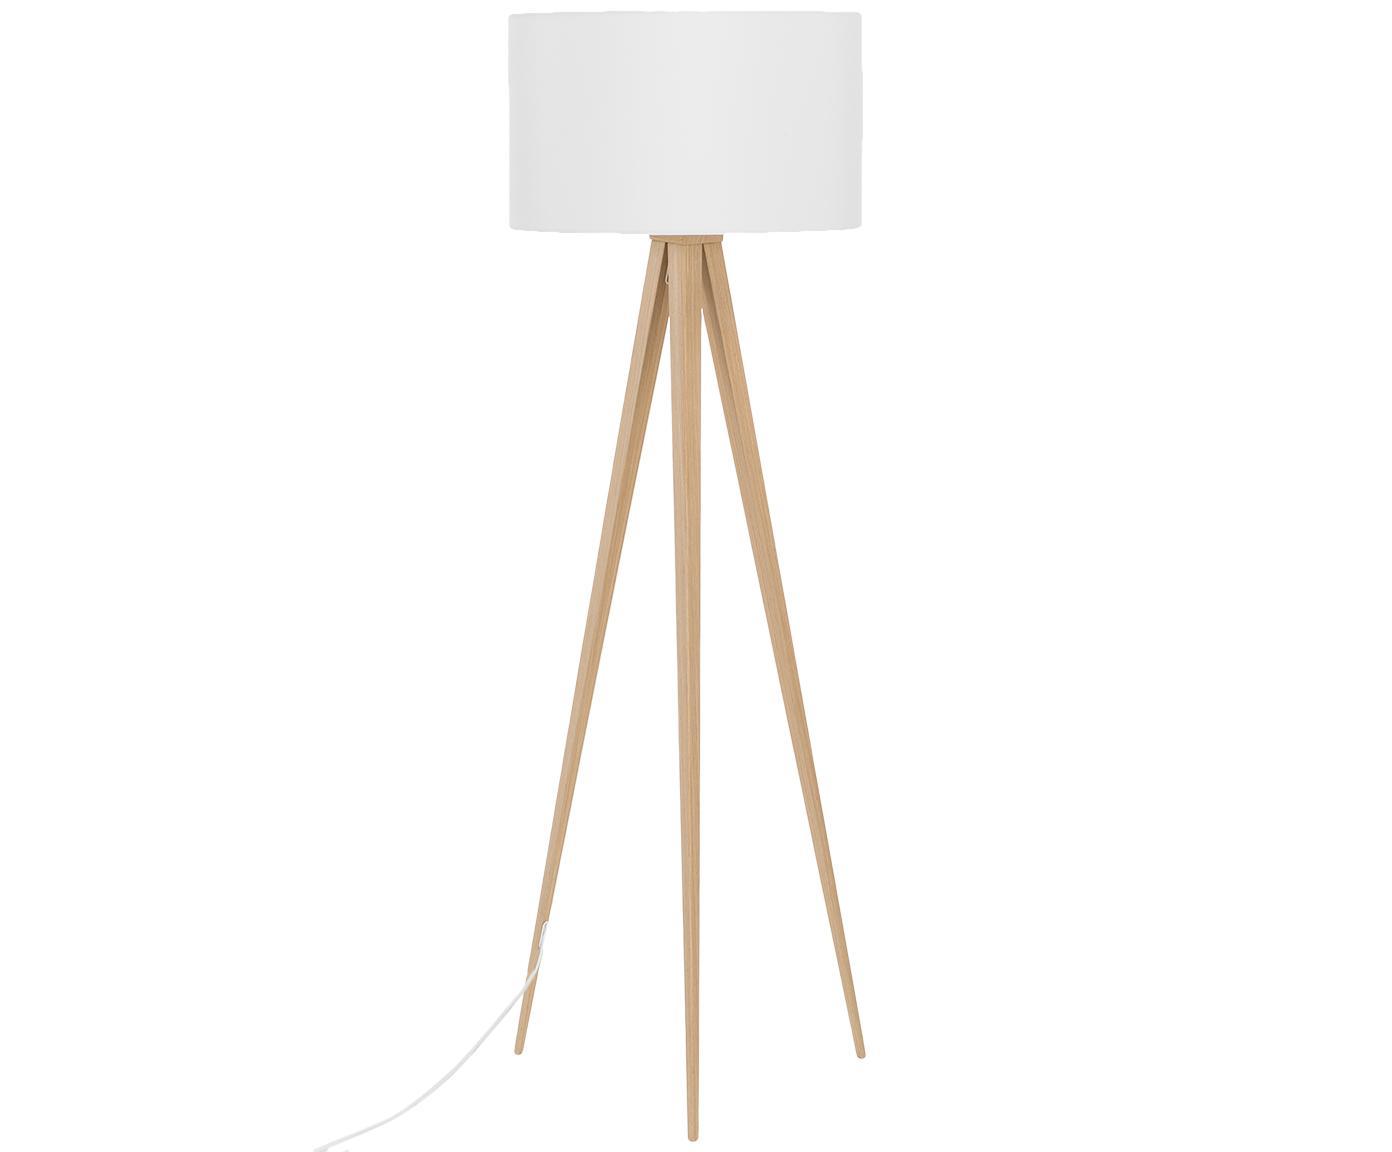 Stojací lampa Jake, Stínidlo: bílá Podstava lampy: dýha